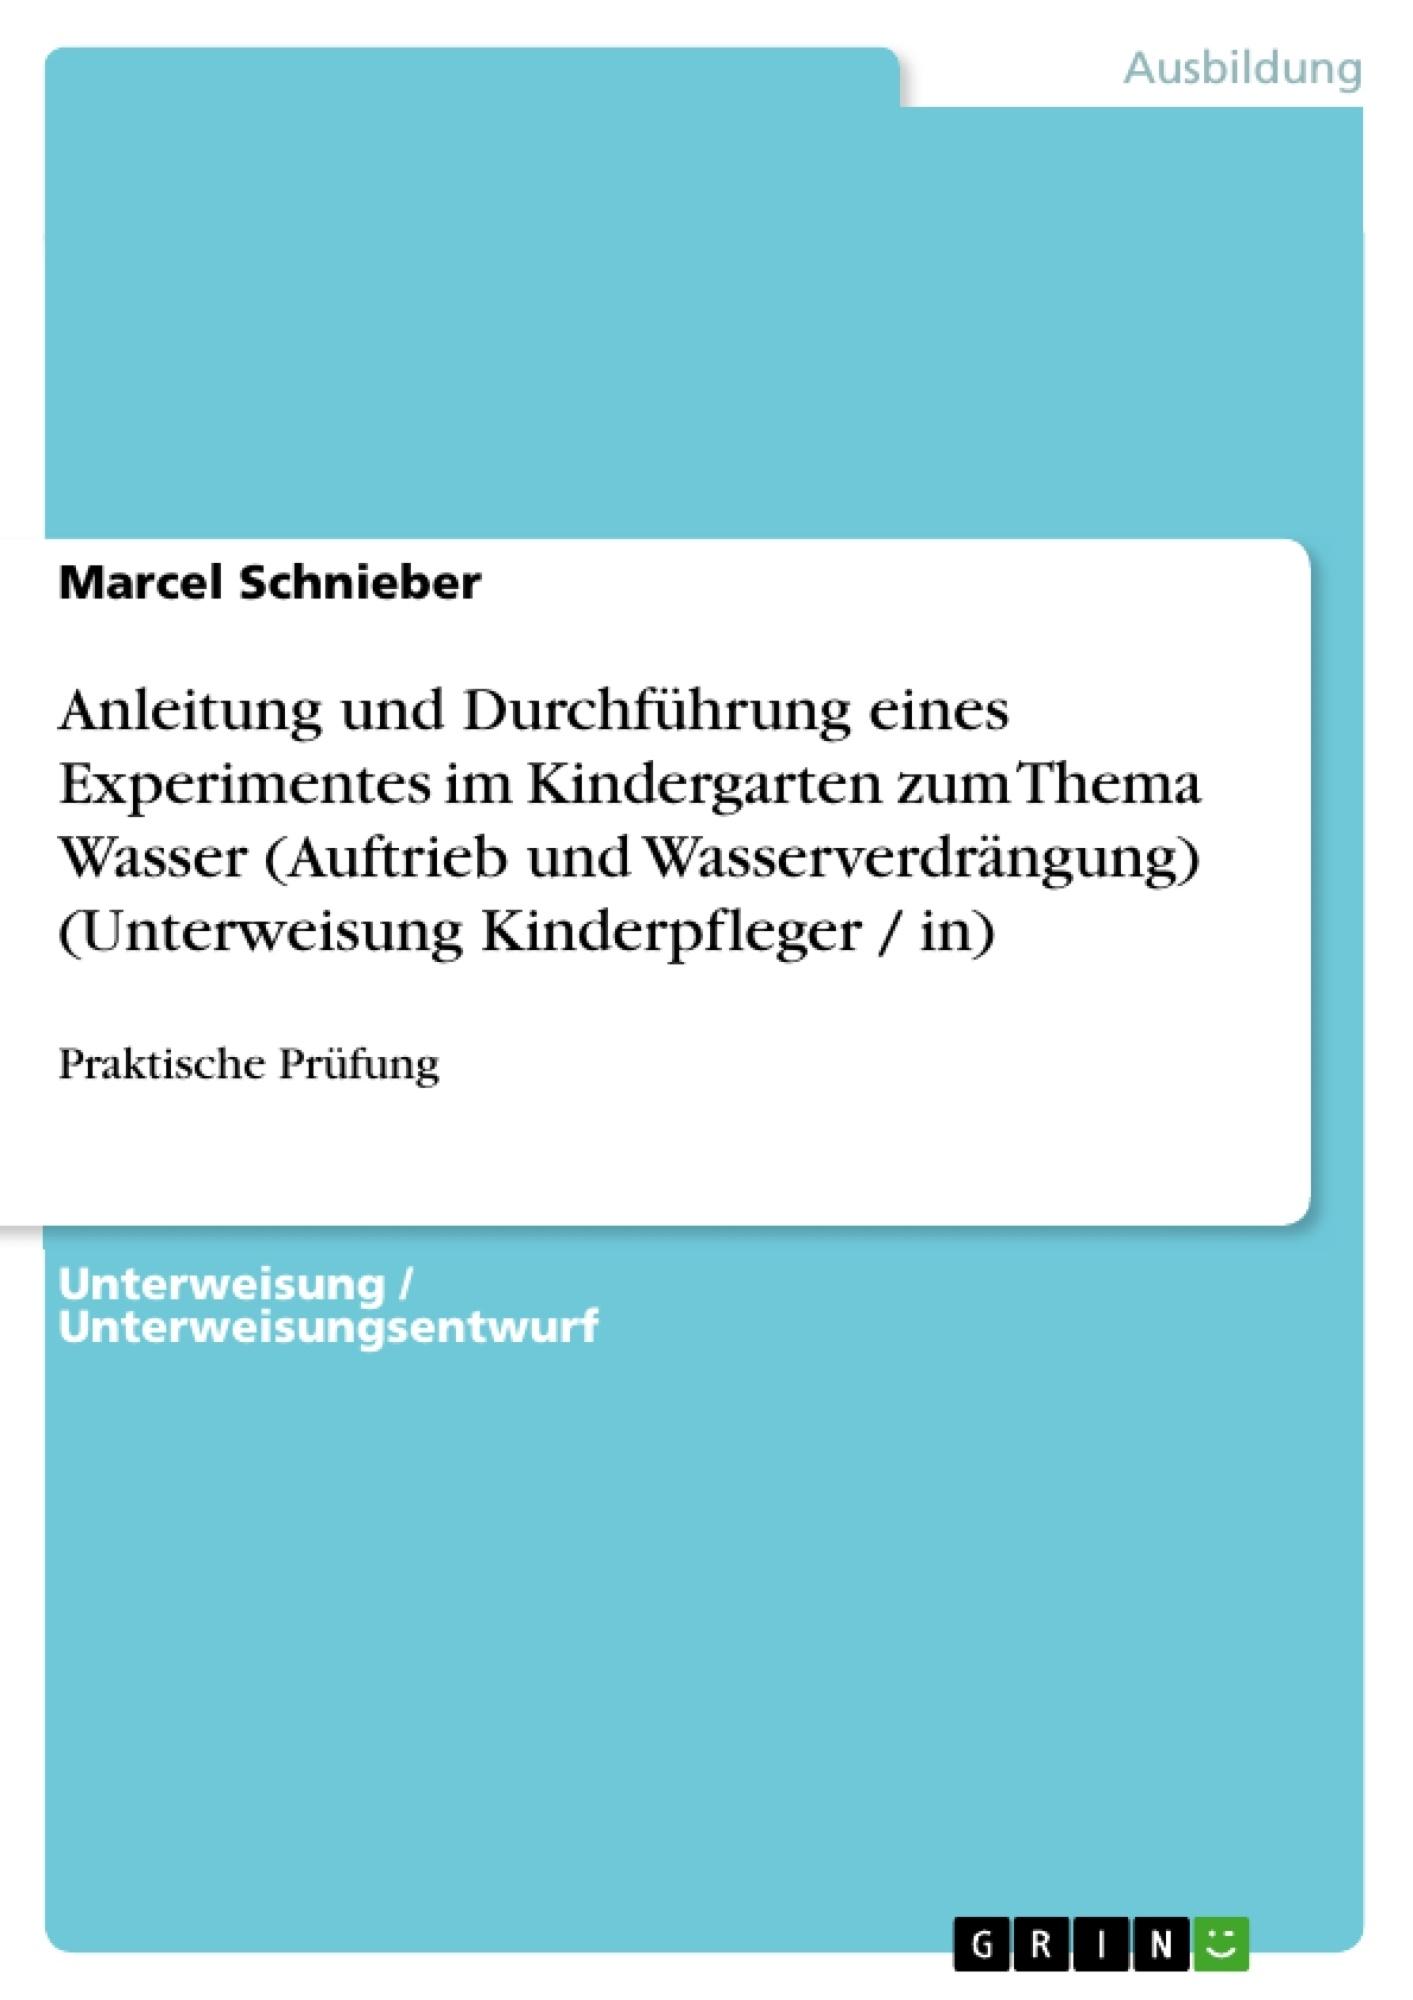 Titel: Anleitung und Durchführung eines Experimentes im Kindergarten zum Thema Wasser (Auftrieb und Wasserverdrängung) (Unterweisung Kinderpfleger / in)